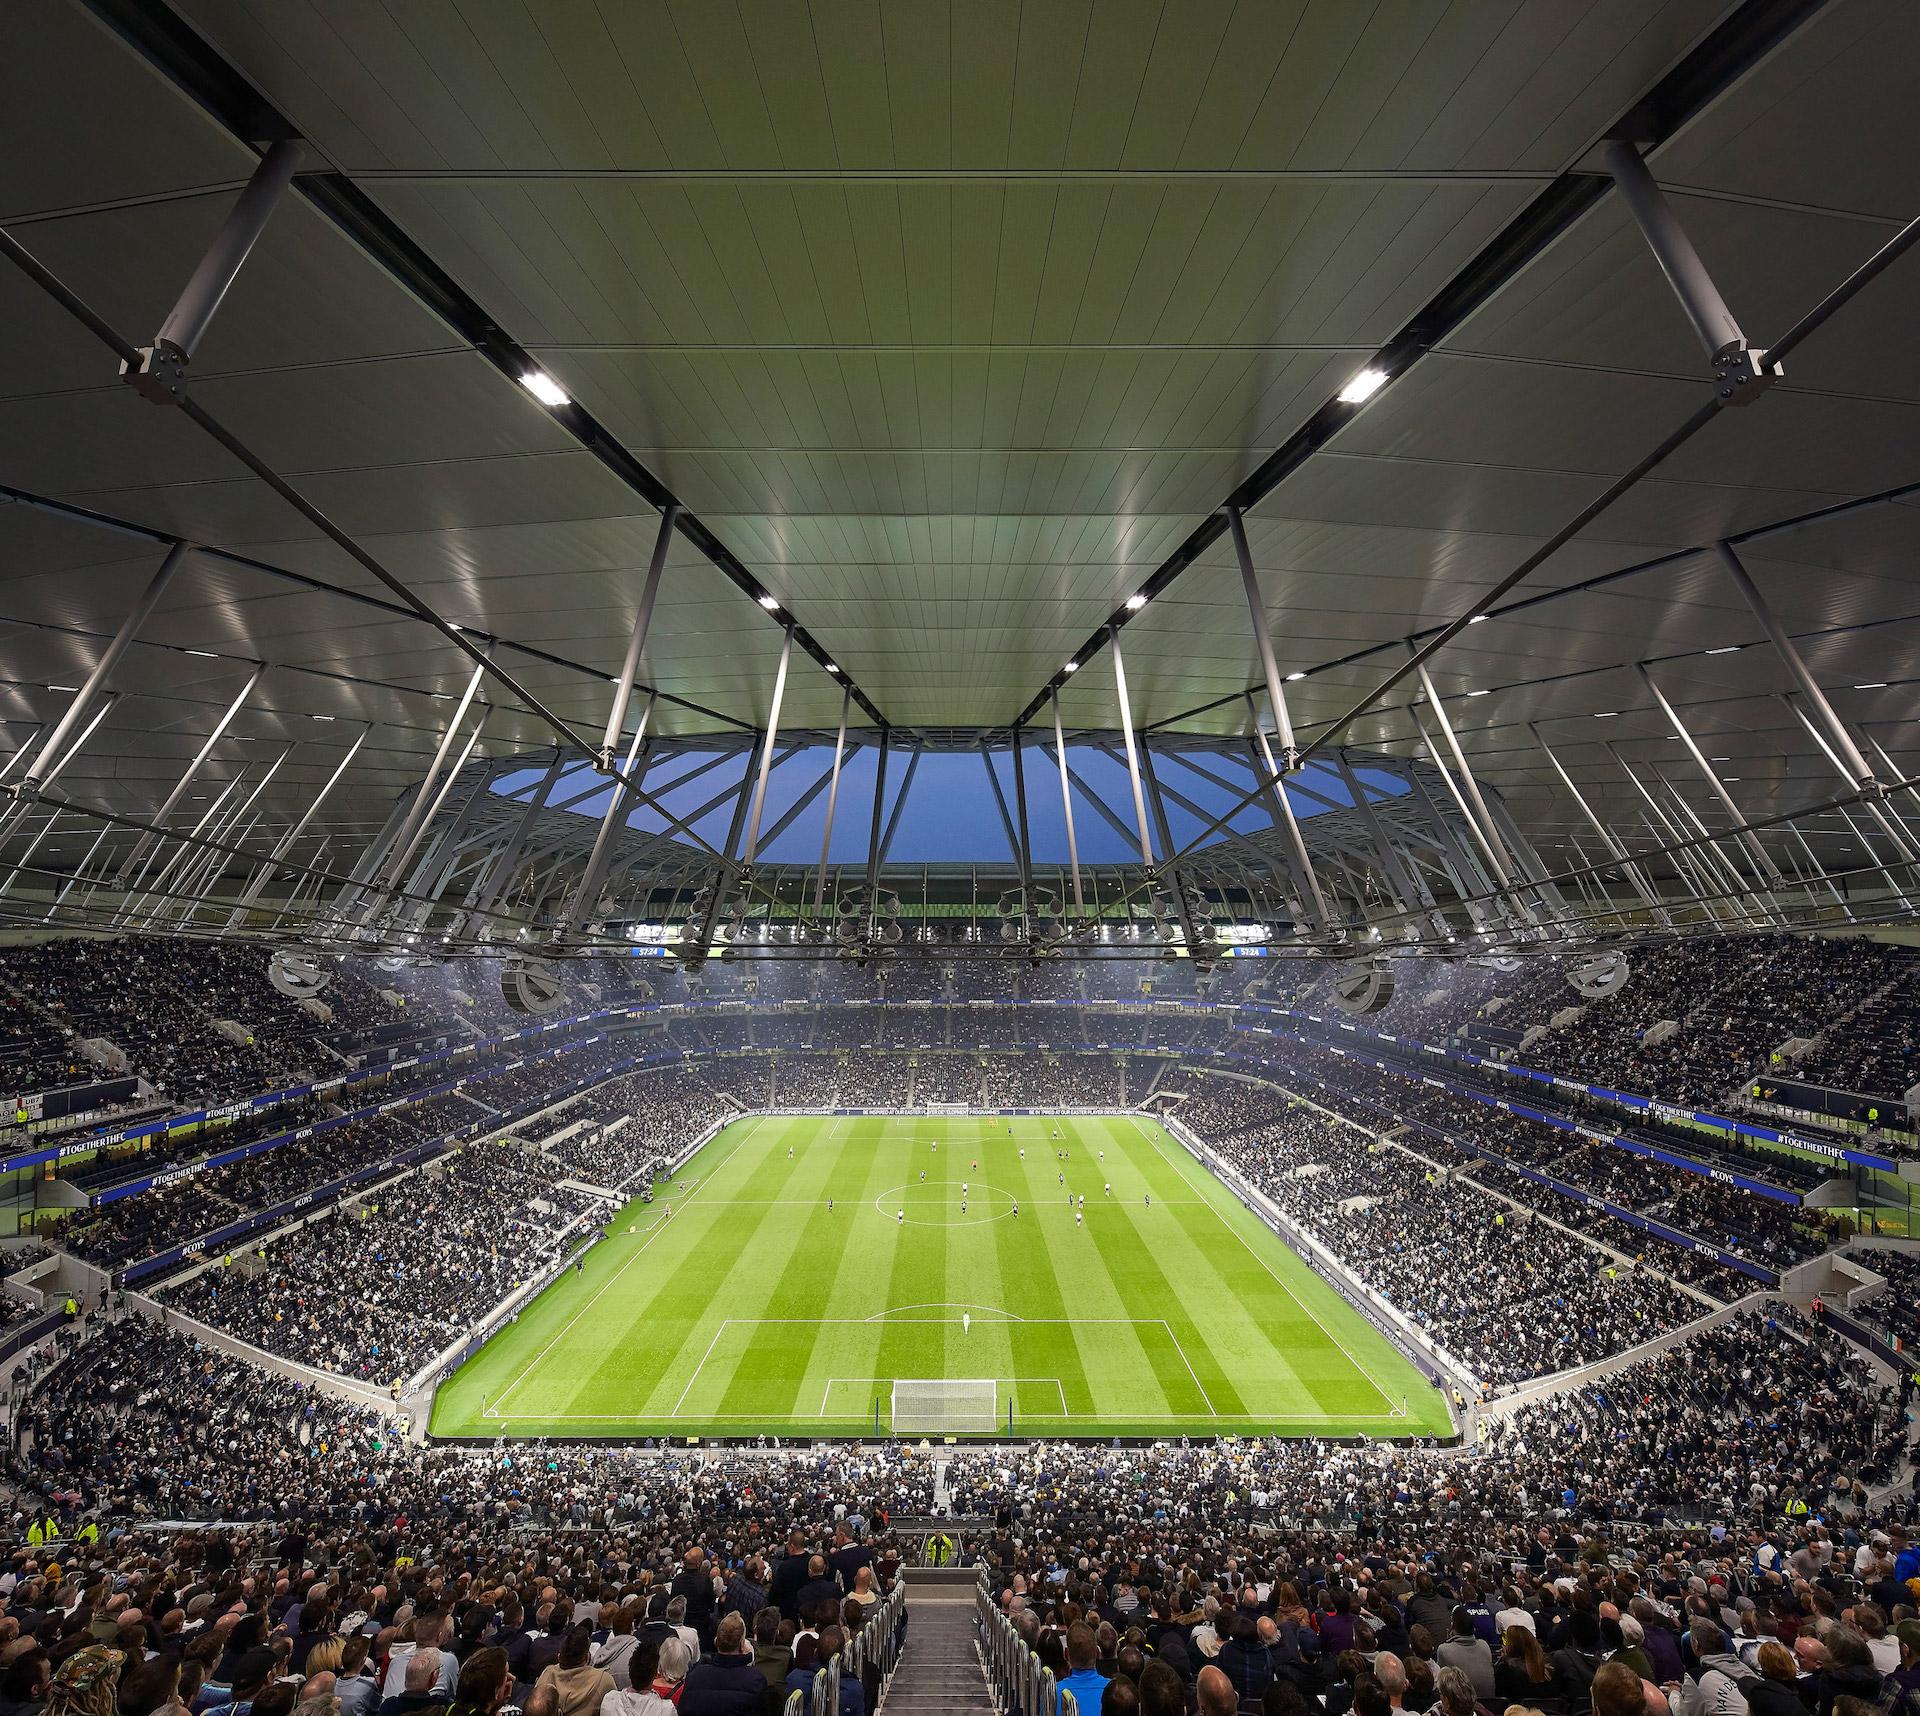 Así es el mejor estadio de fútbol del mundo: Tottenham Hotspur